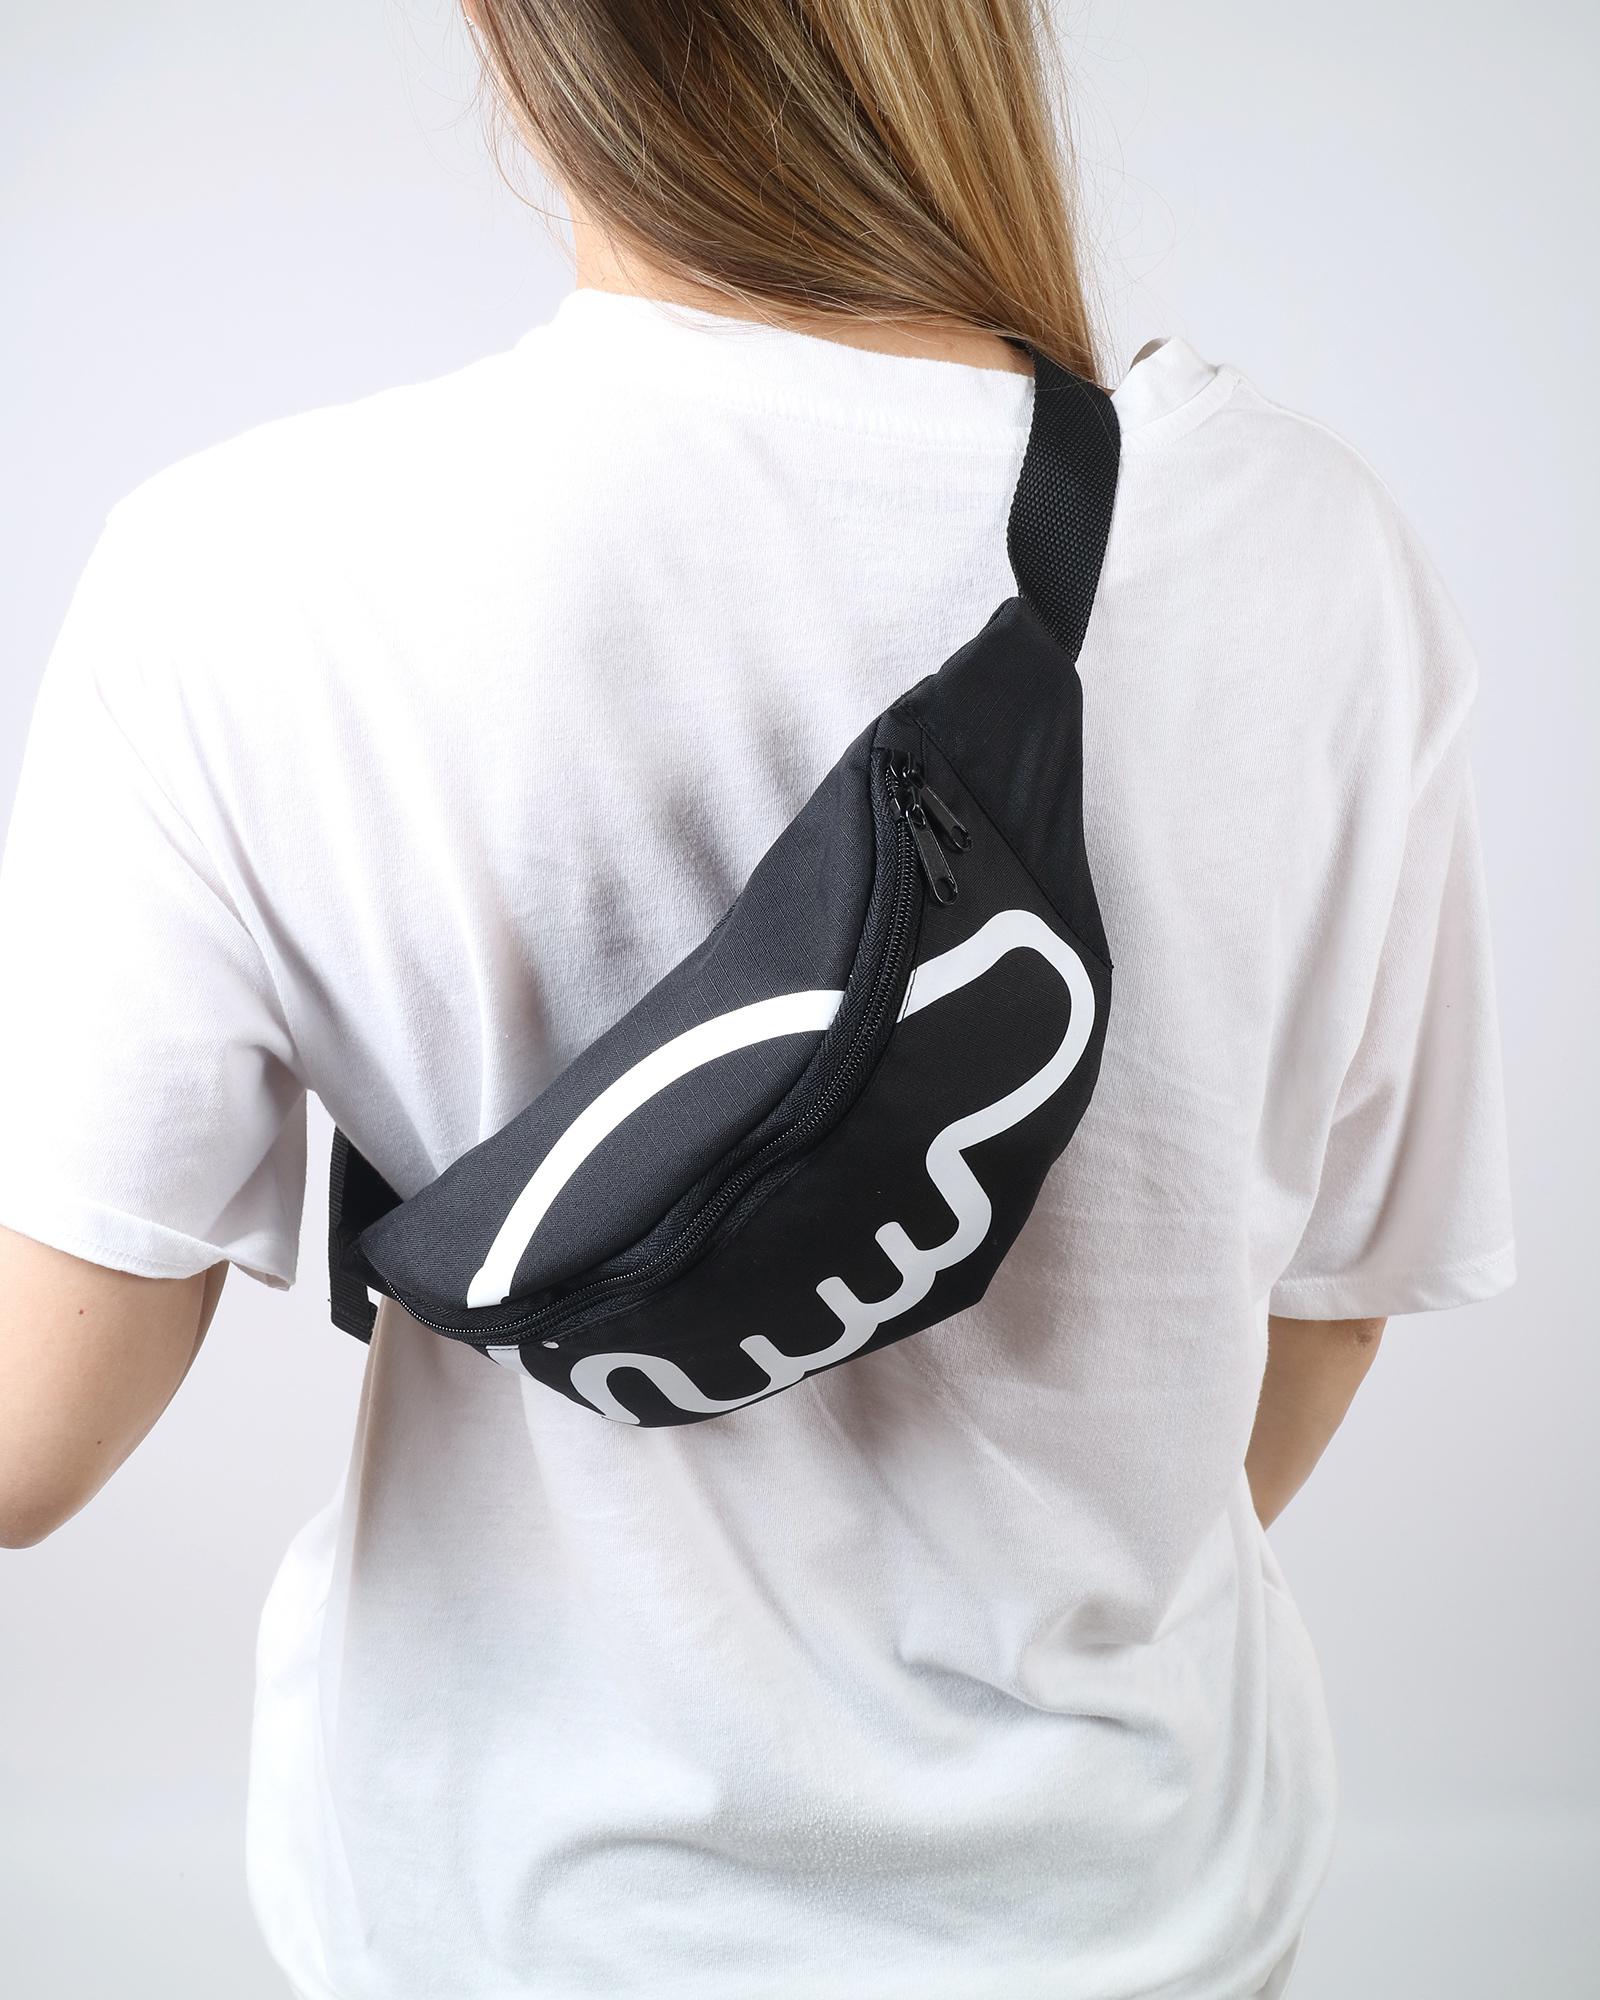 Поясная сумка Anteater RsBag Black